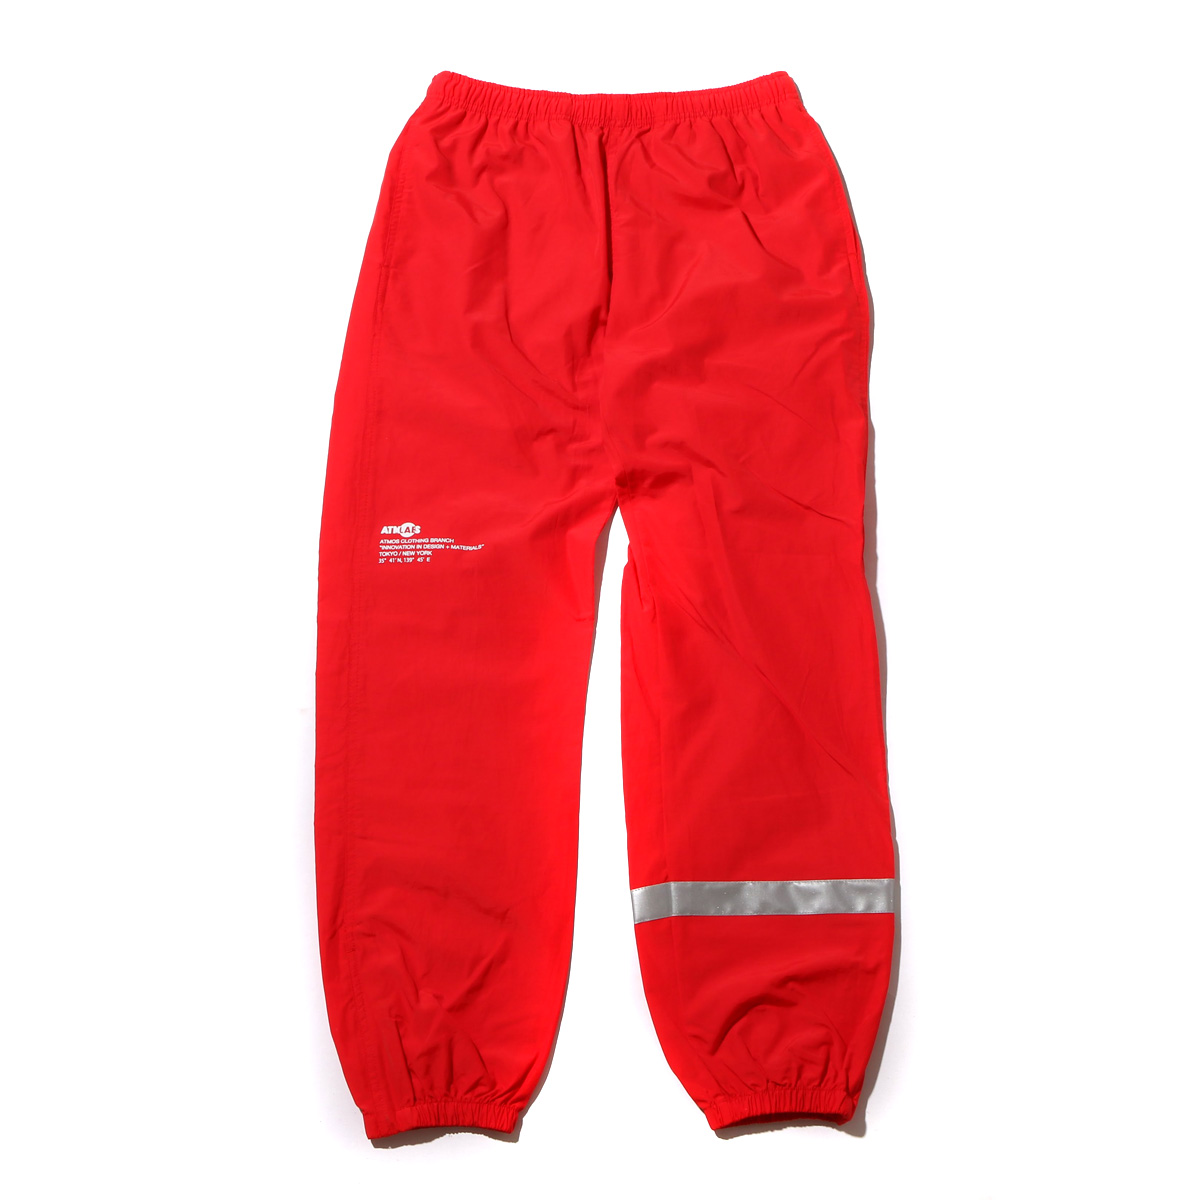 ATMOS LAB REFLECTIVE C/N TRACK PANTS (アトモス ラボ リフレクティブ コットンナイロン トラックパンツ) RED【メンズ ナイロン パンツ】18SS-I